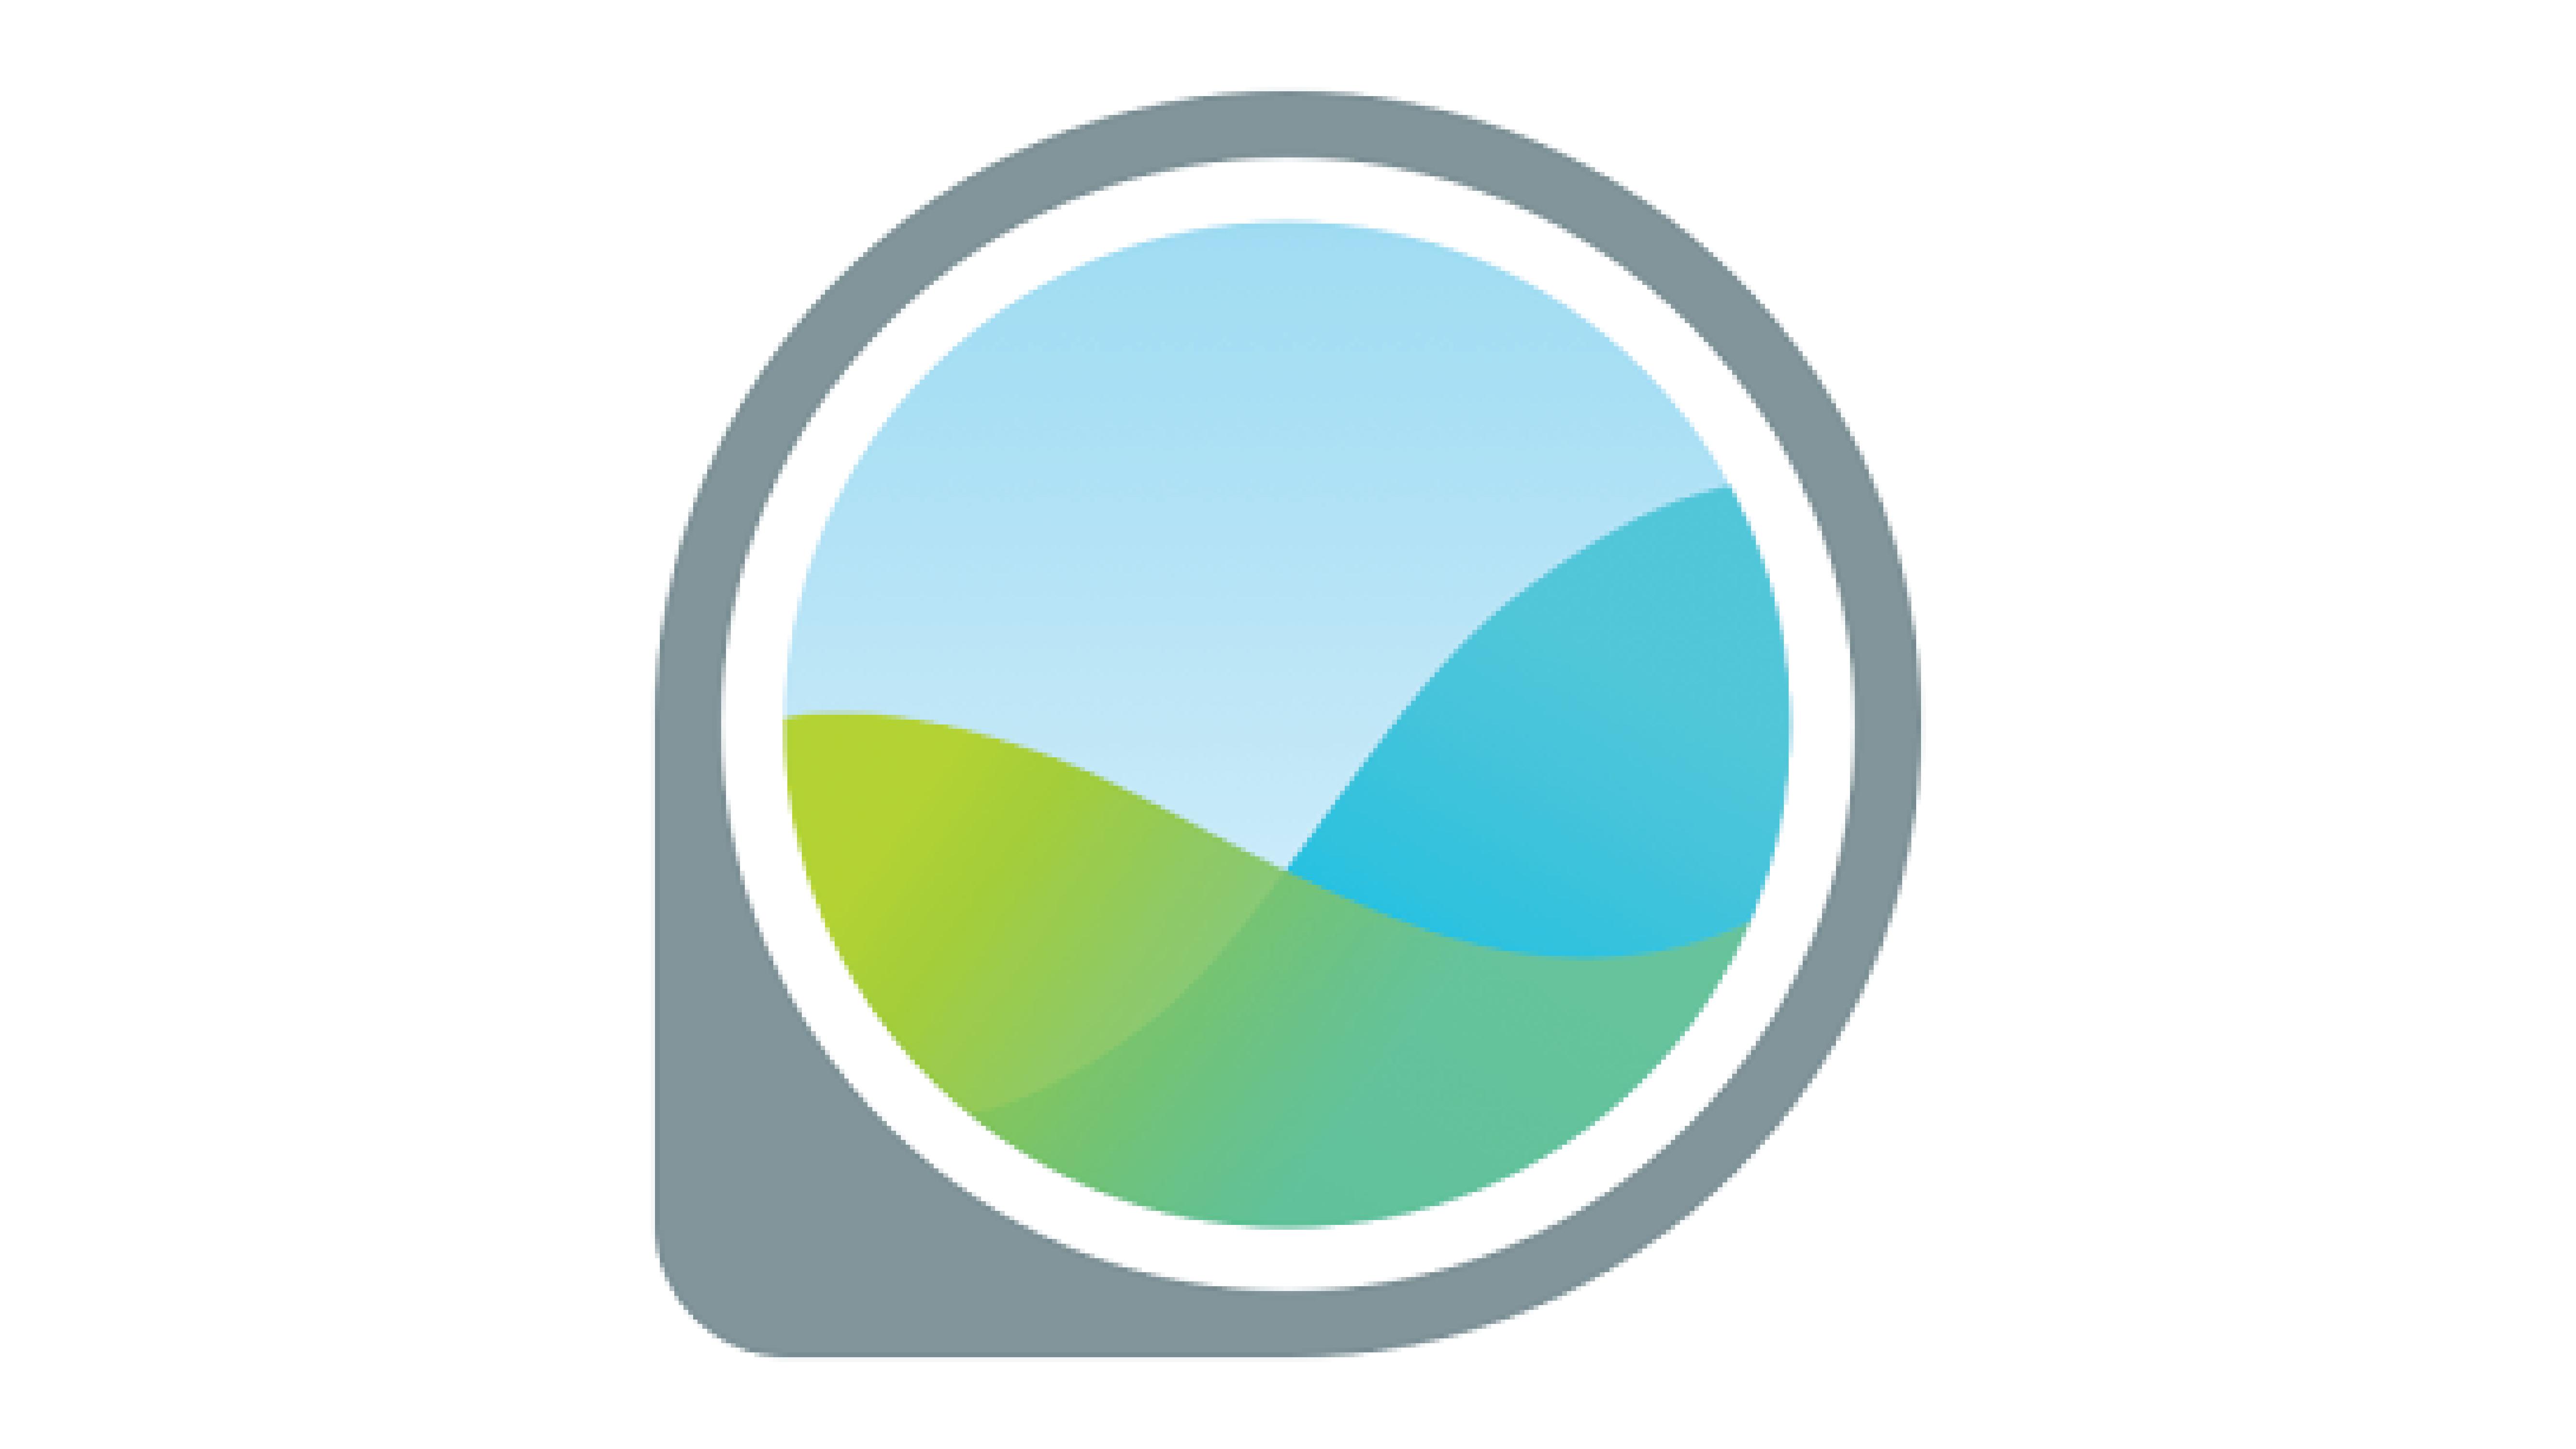 GlassWire je nově pro Android, podá drahocenné informace o využití dat